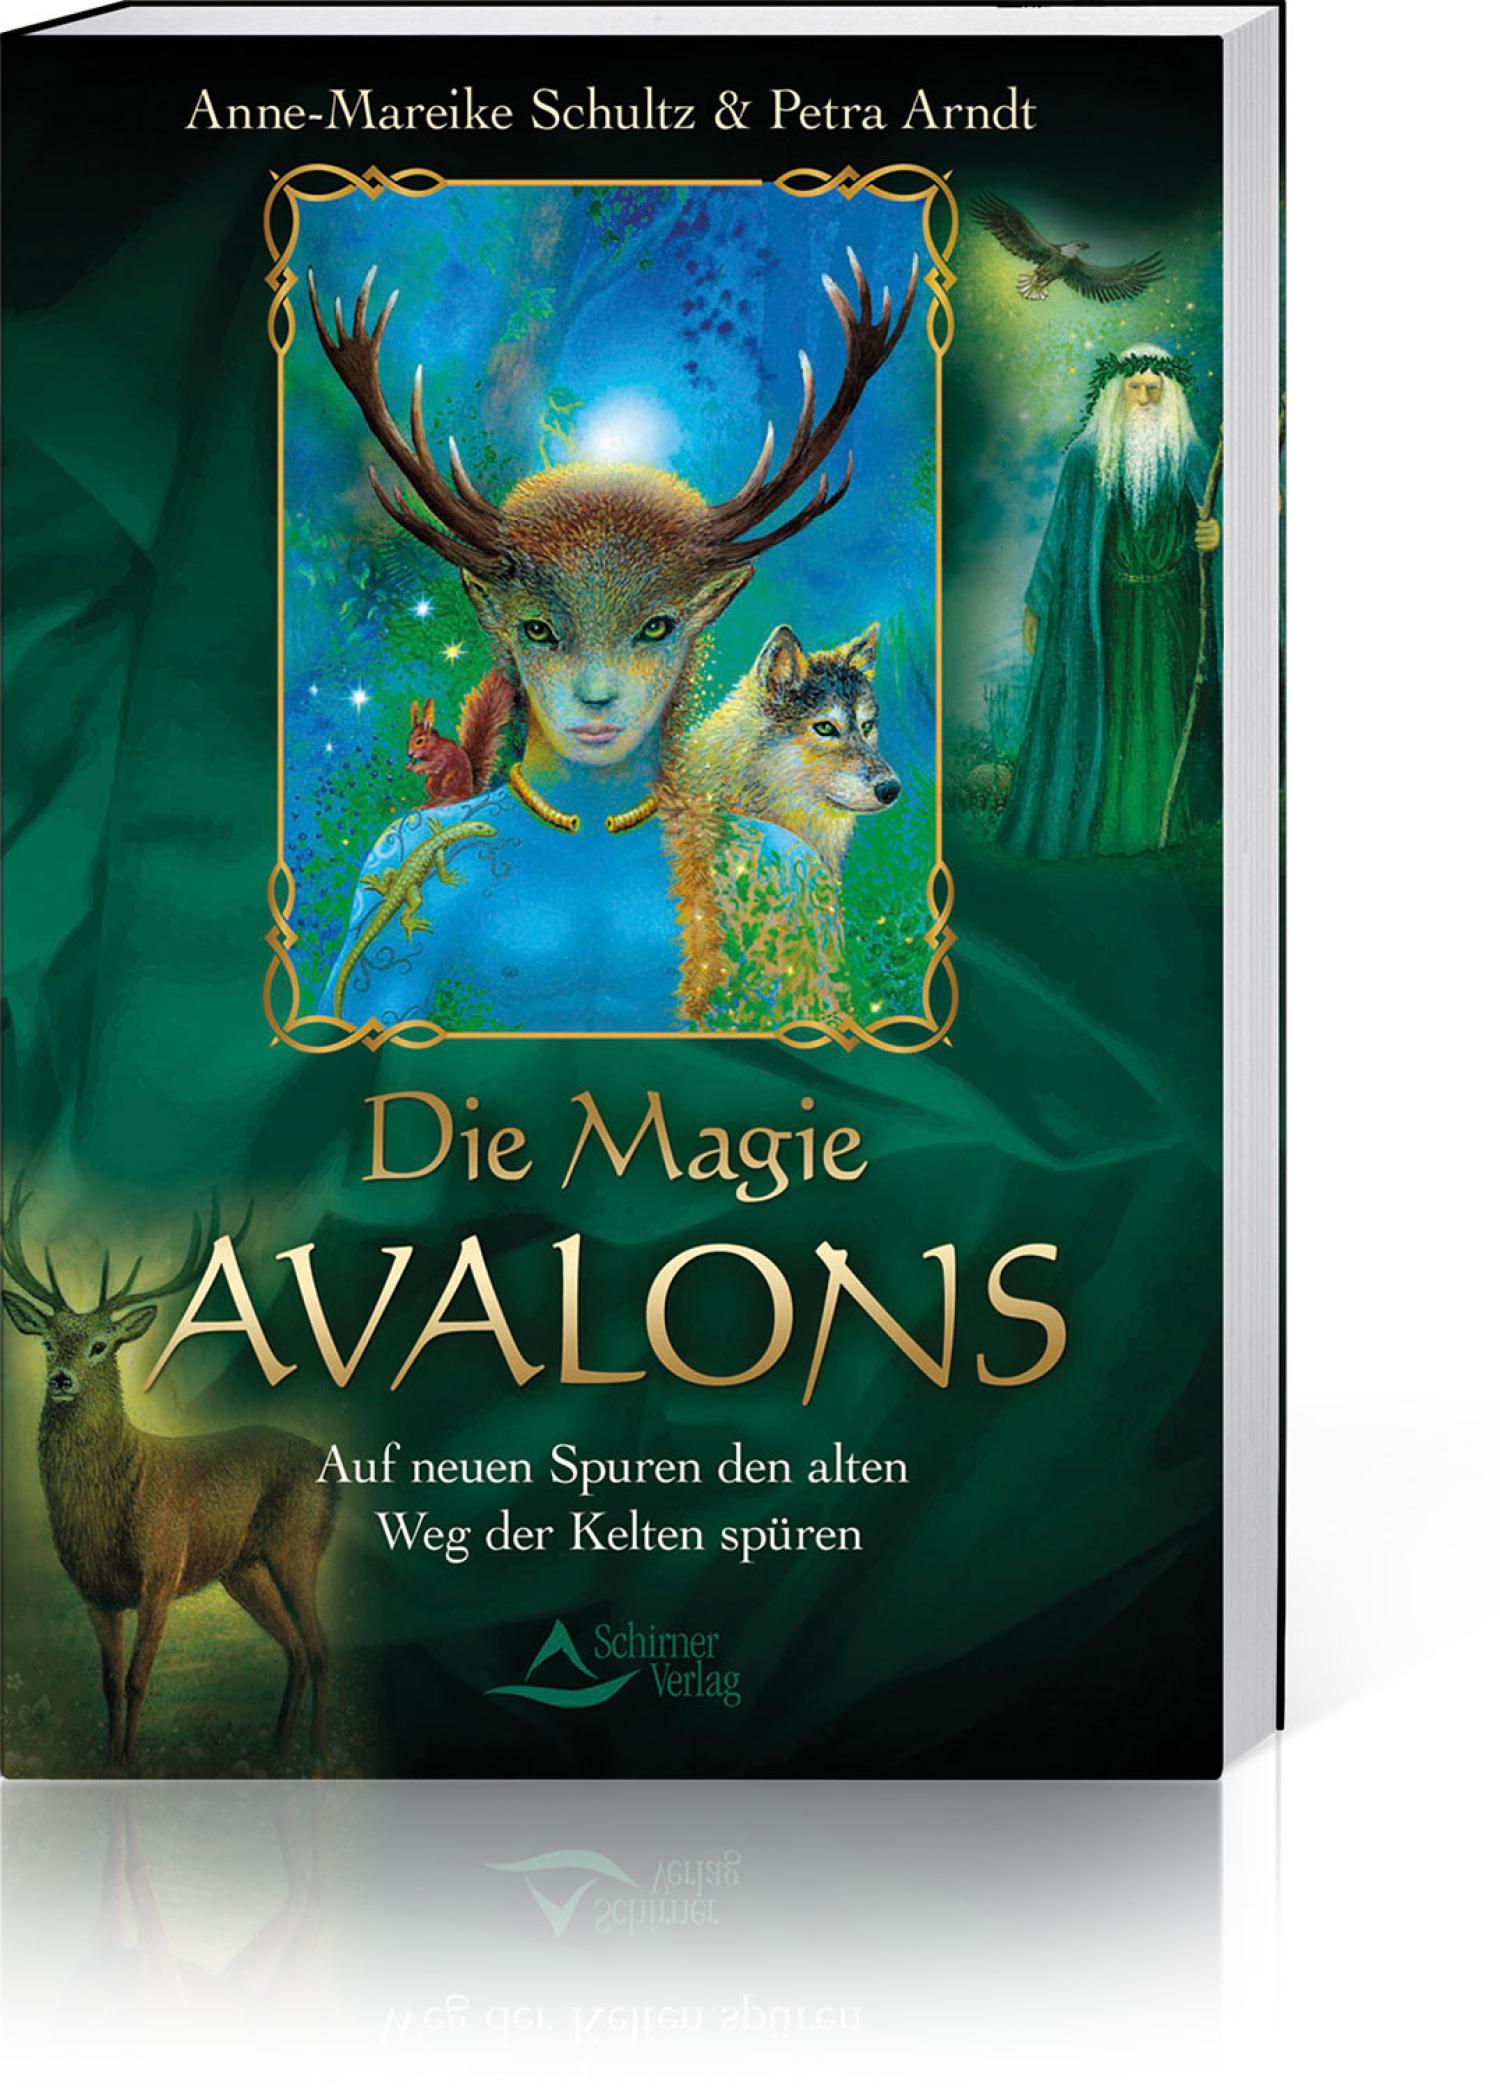 Die Magie Avalons, Produktbild 1